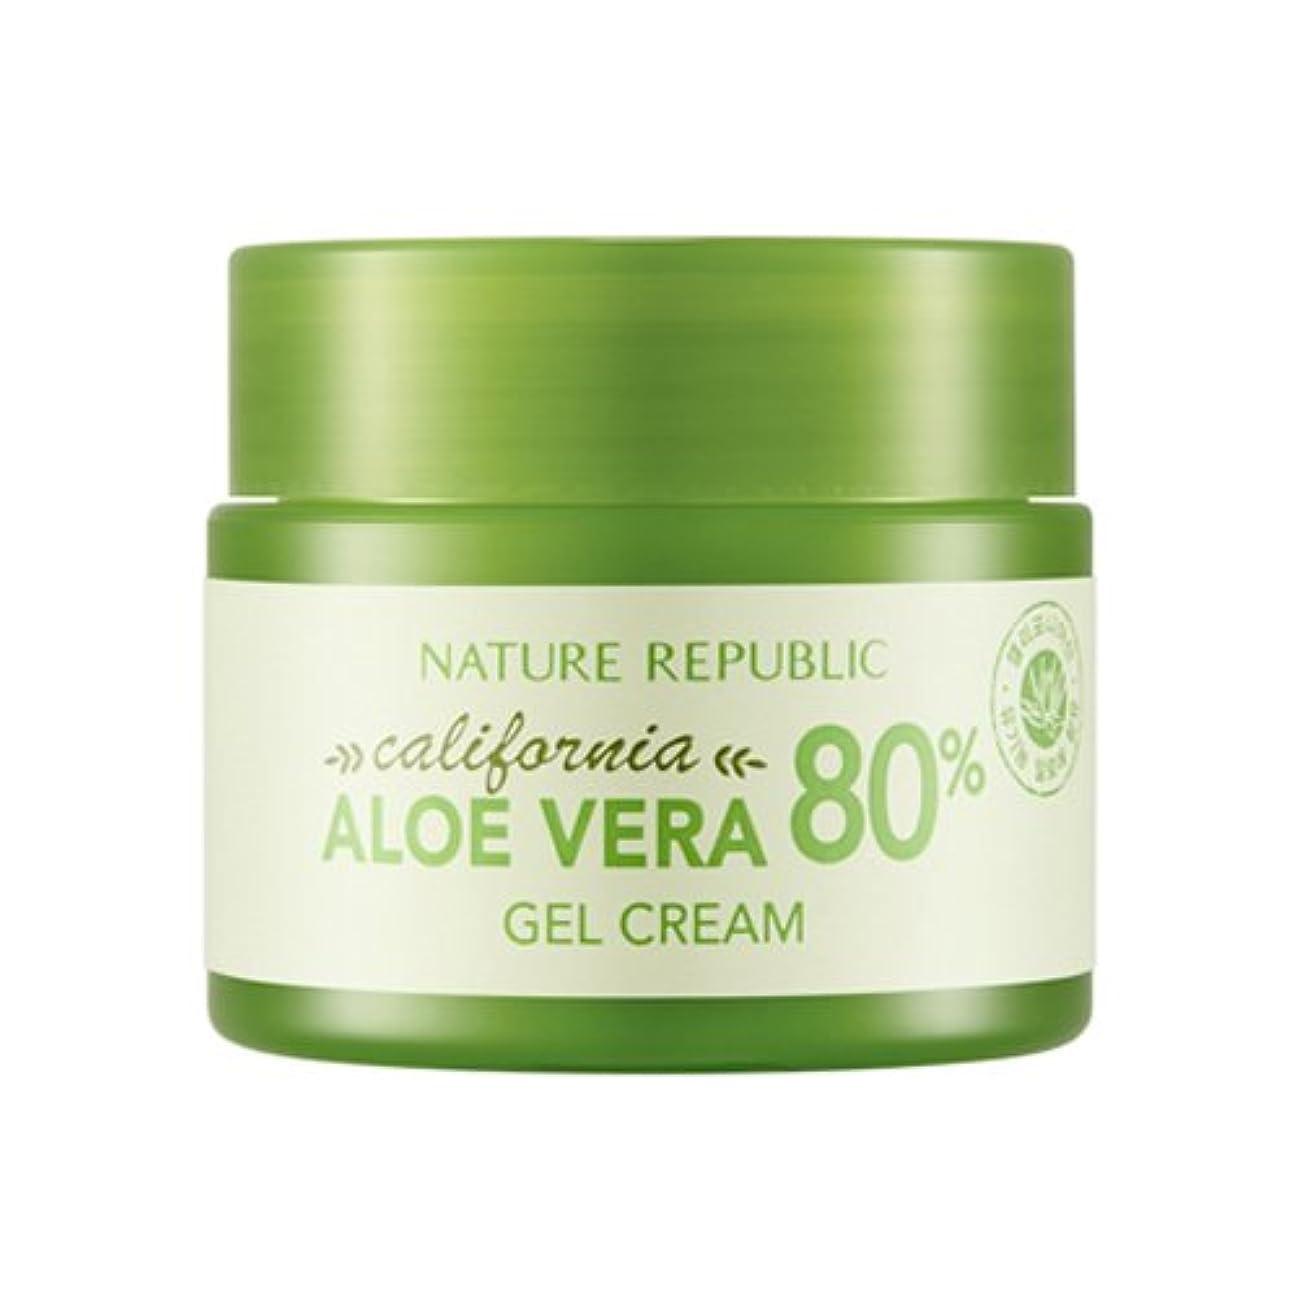 用語集憂鬱な鳥[ネイチャーリパブリック] Nature Republic カリフォルニアアロエベラ80%のゲルクリーム California Aloe Vera 80% Gel Cream [並行輸入品]